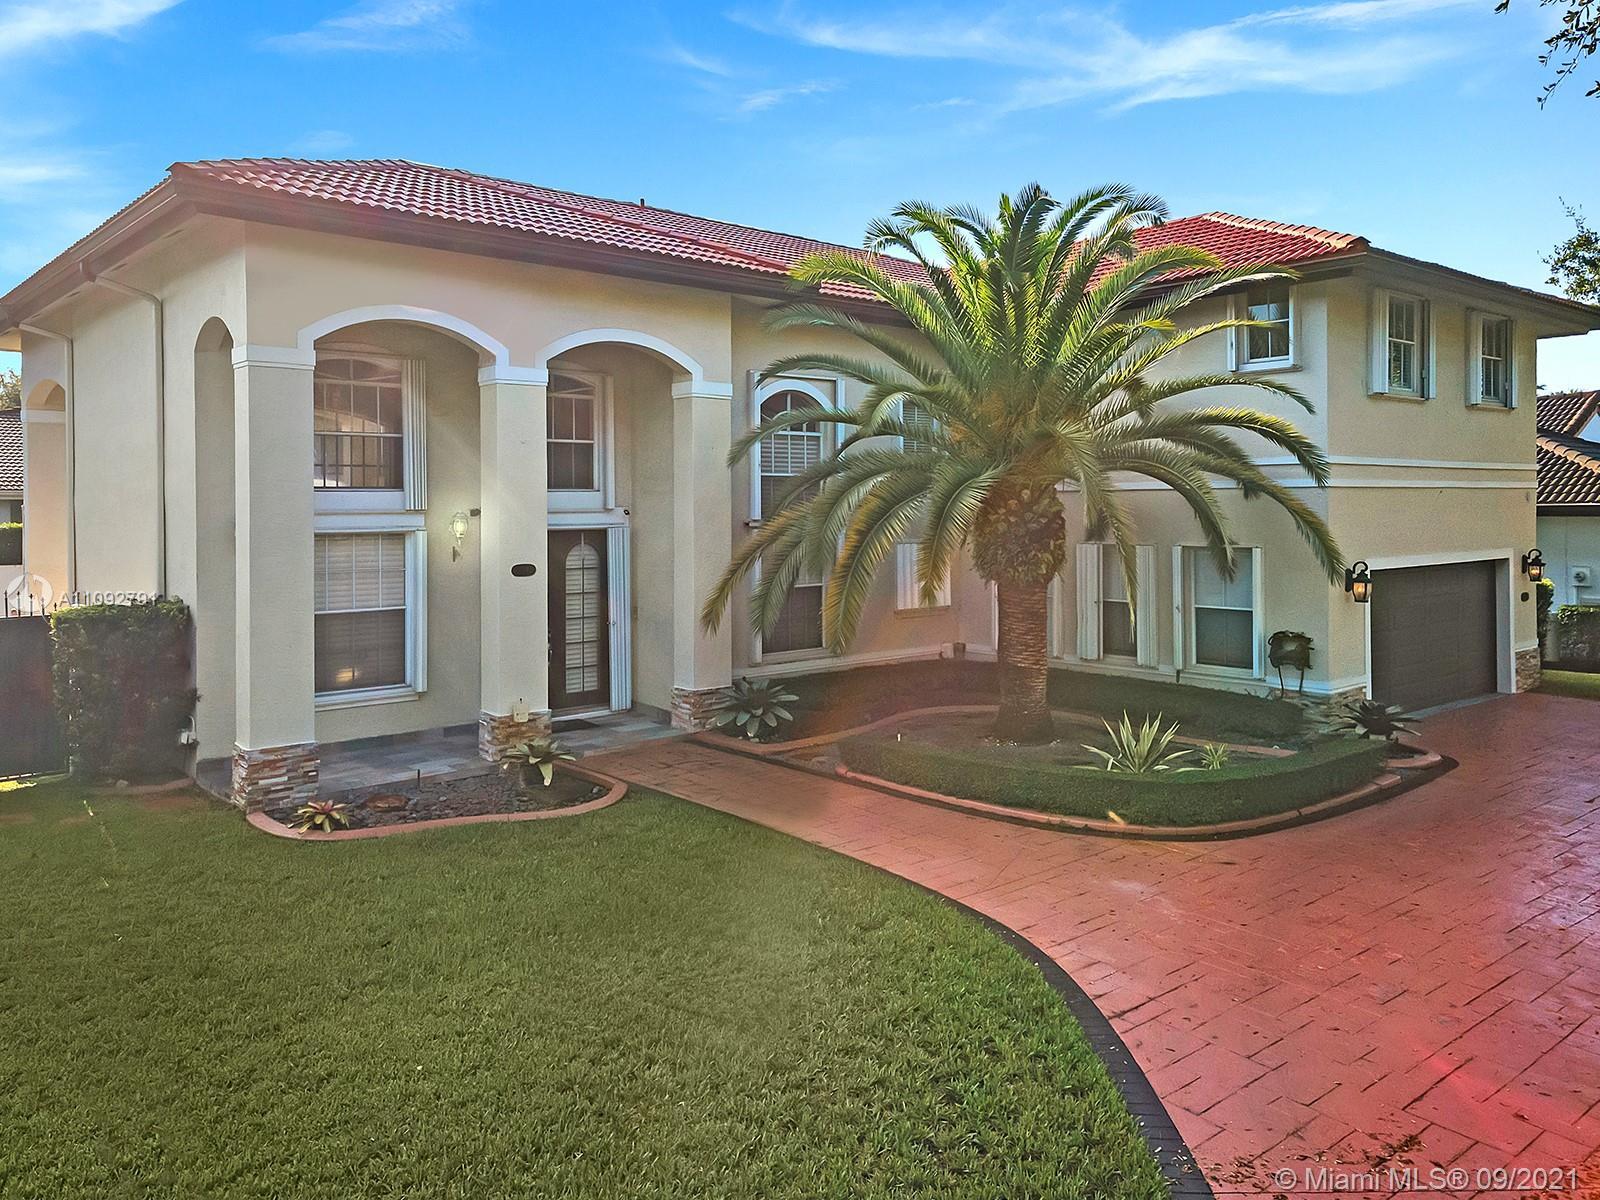 Miami Lakes - 15941 NW 83rd Ave, Miami Lakes, FL 33016